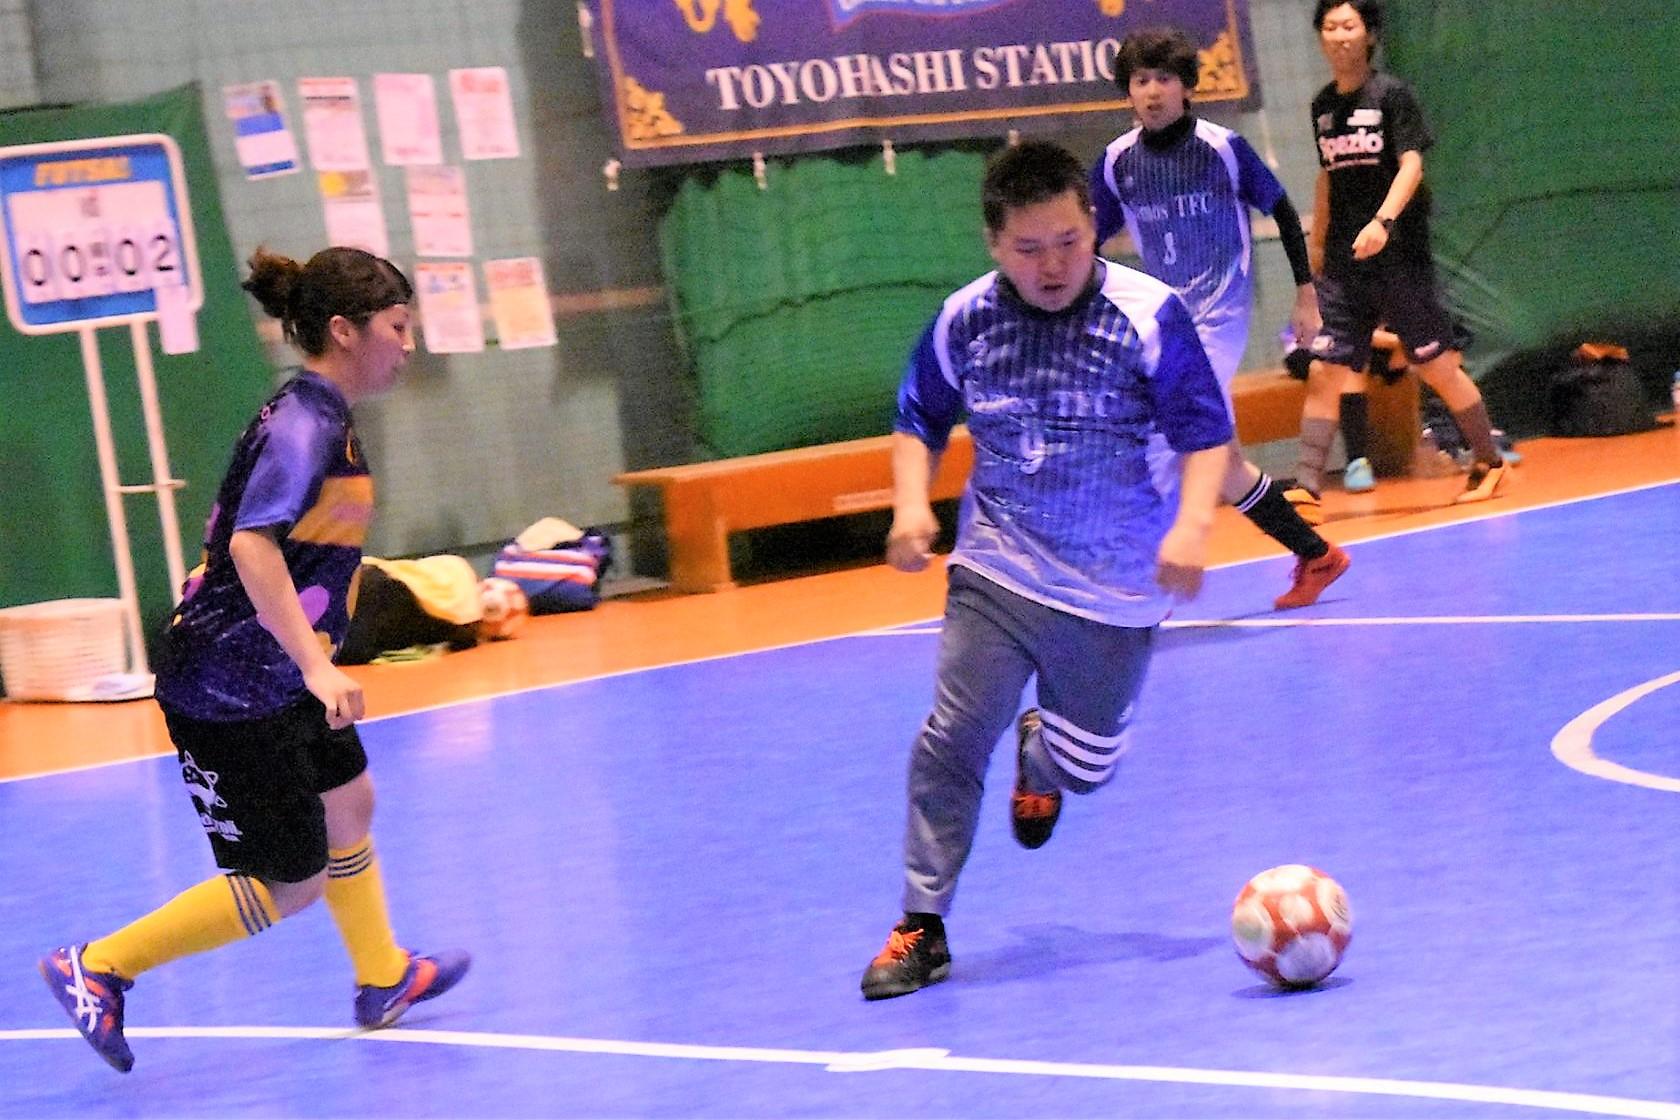 【豊橋ミックスリーグ】第4節結果 LOS INGOBERNABLESが怒涛の3連勝で優勝を遂げる!!